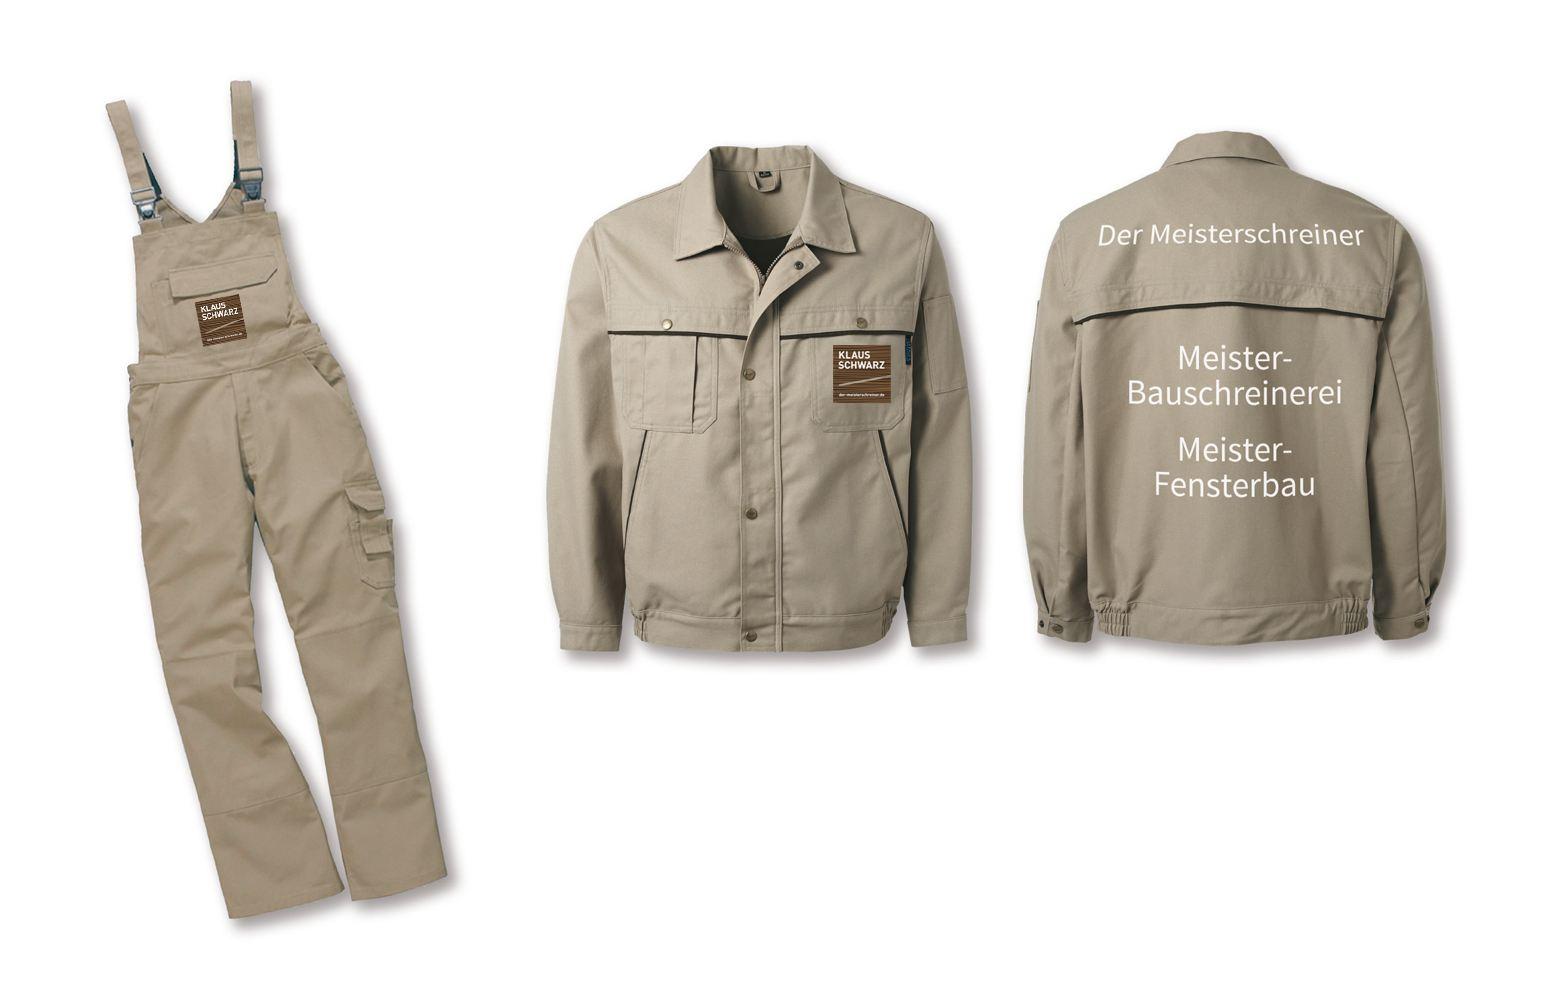 Klaus Schwarz Arbeitskleidung